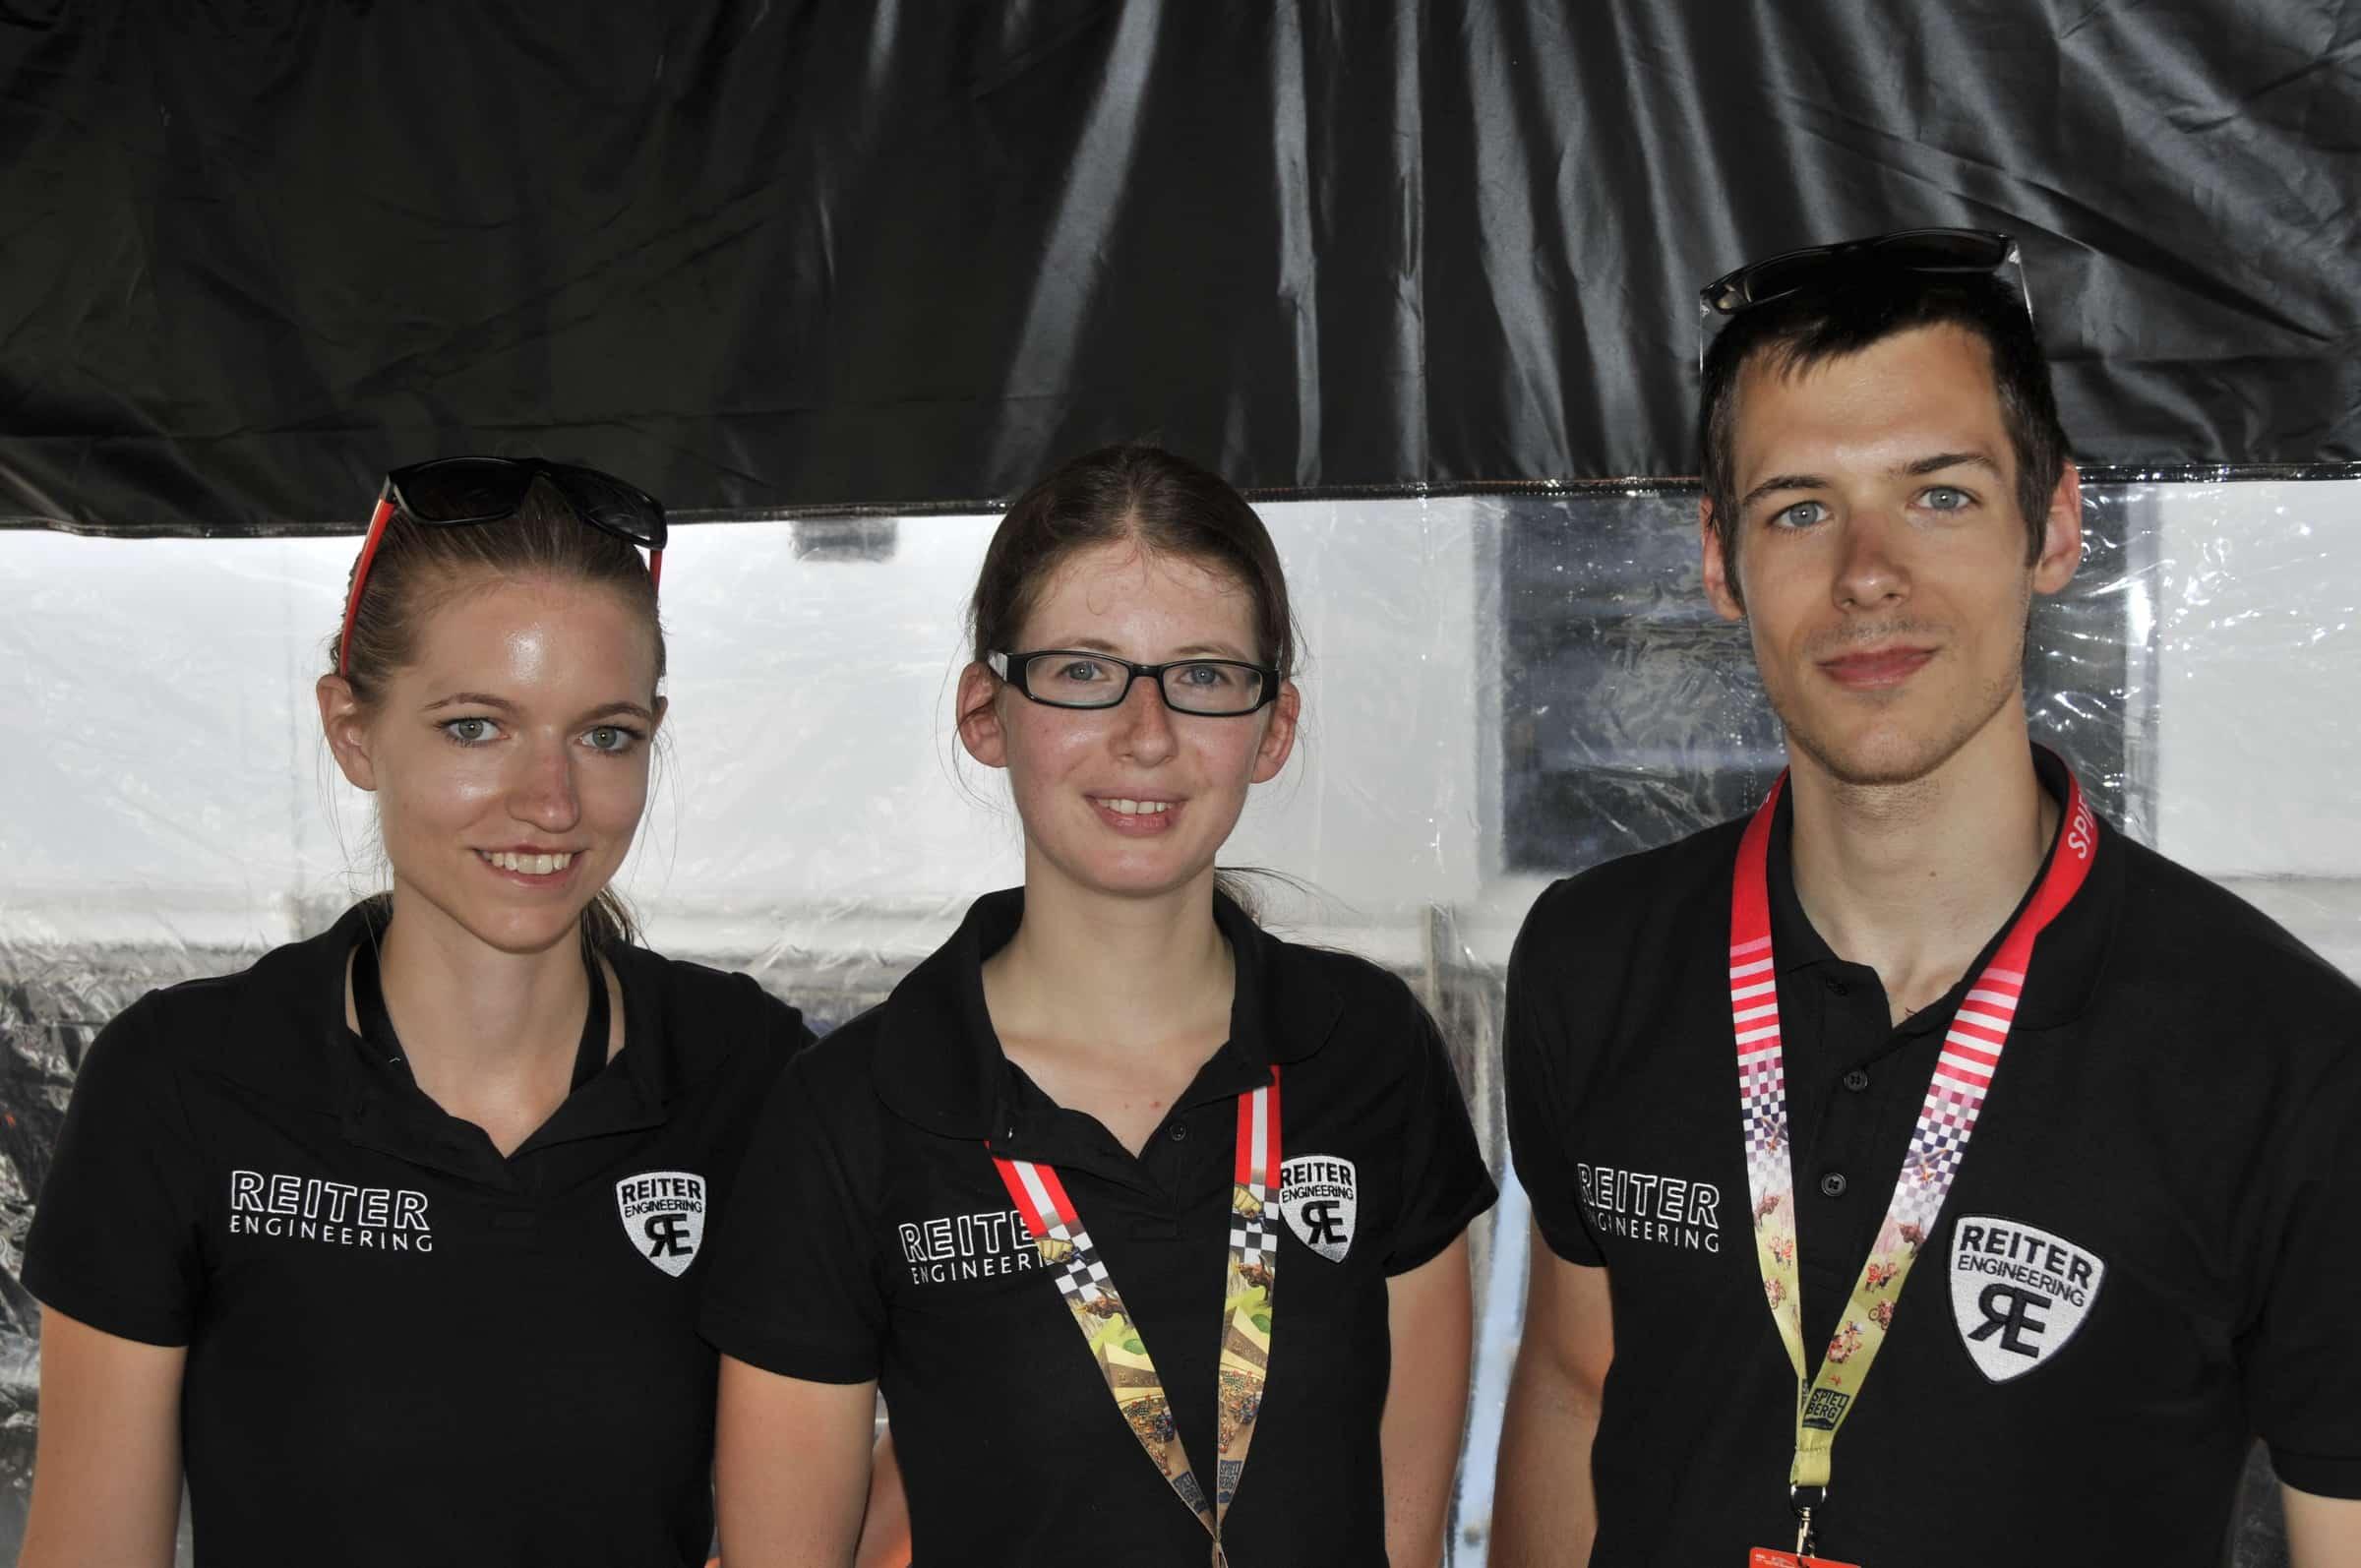 Drei Studierenden nehmen am Wettbewerb teil: Christina Schlamberger, Theresa Edinger und Matthias Bogner.